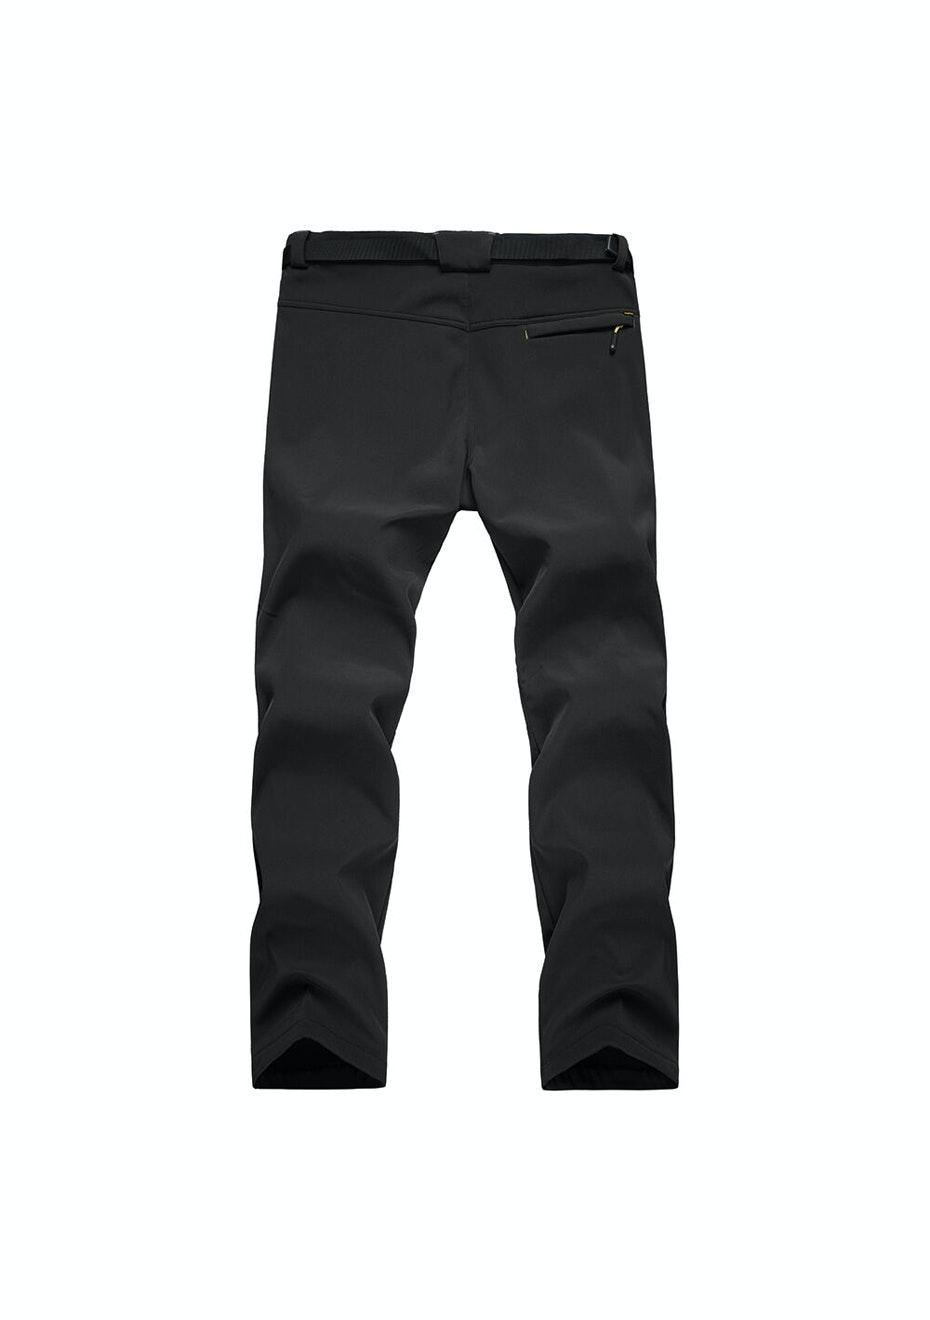 Men 2-in-1 WaterProof Pants - Black